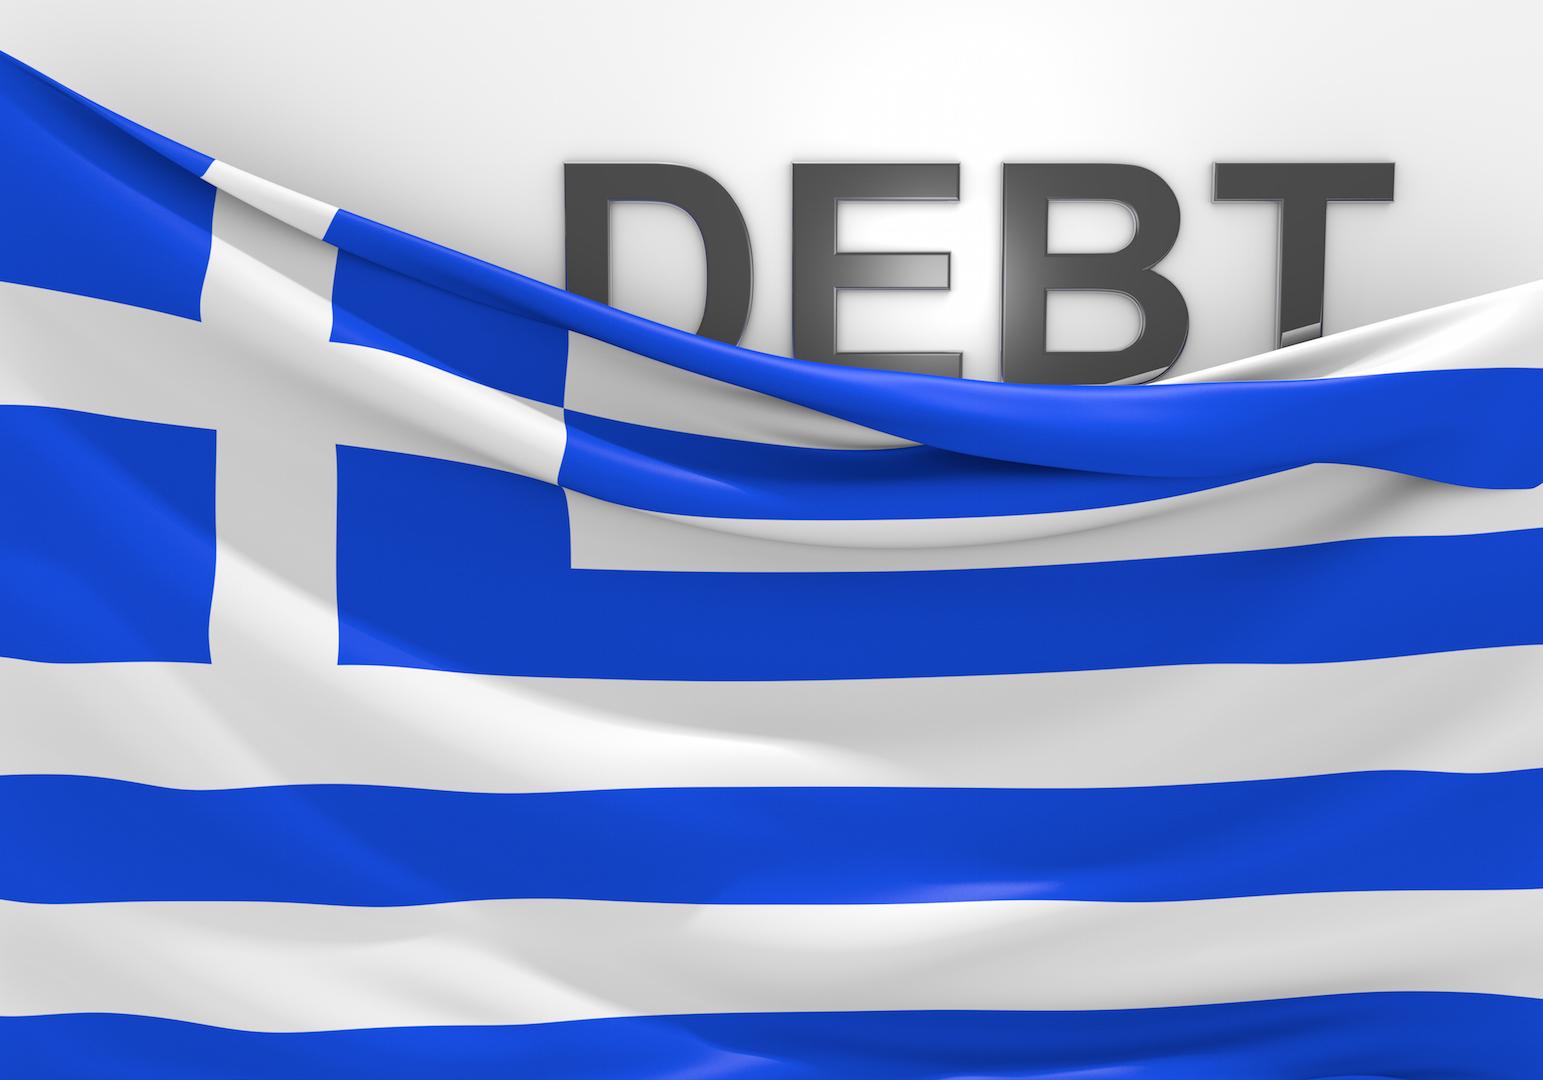 Ξανά στο ίδιο τραπέζι για το χρέος